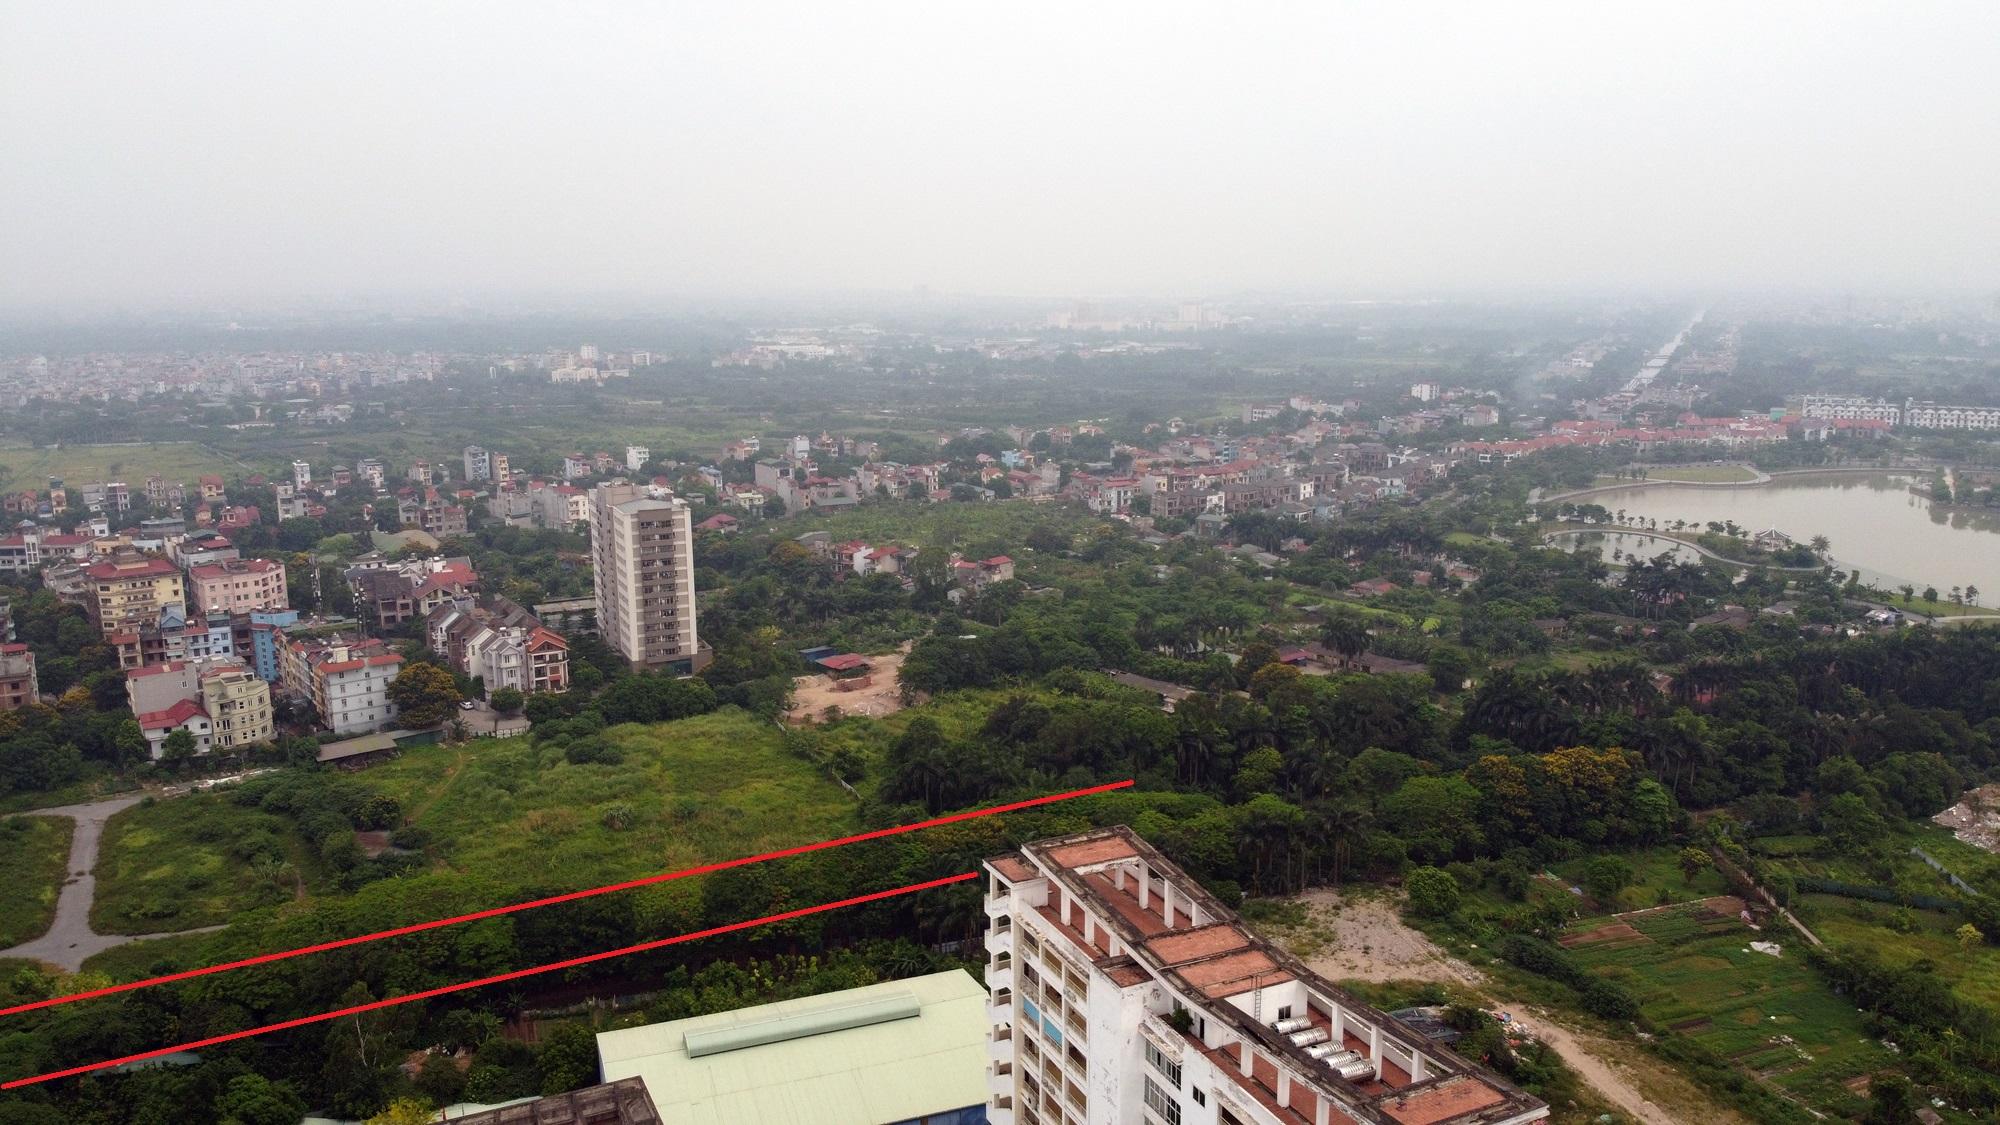 4 đường sẽ mở theo qui hoạch ở phường Phú Diễn, Bắc Từ Liêm - Ảnh 5.